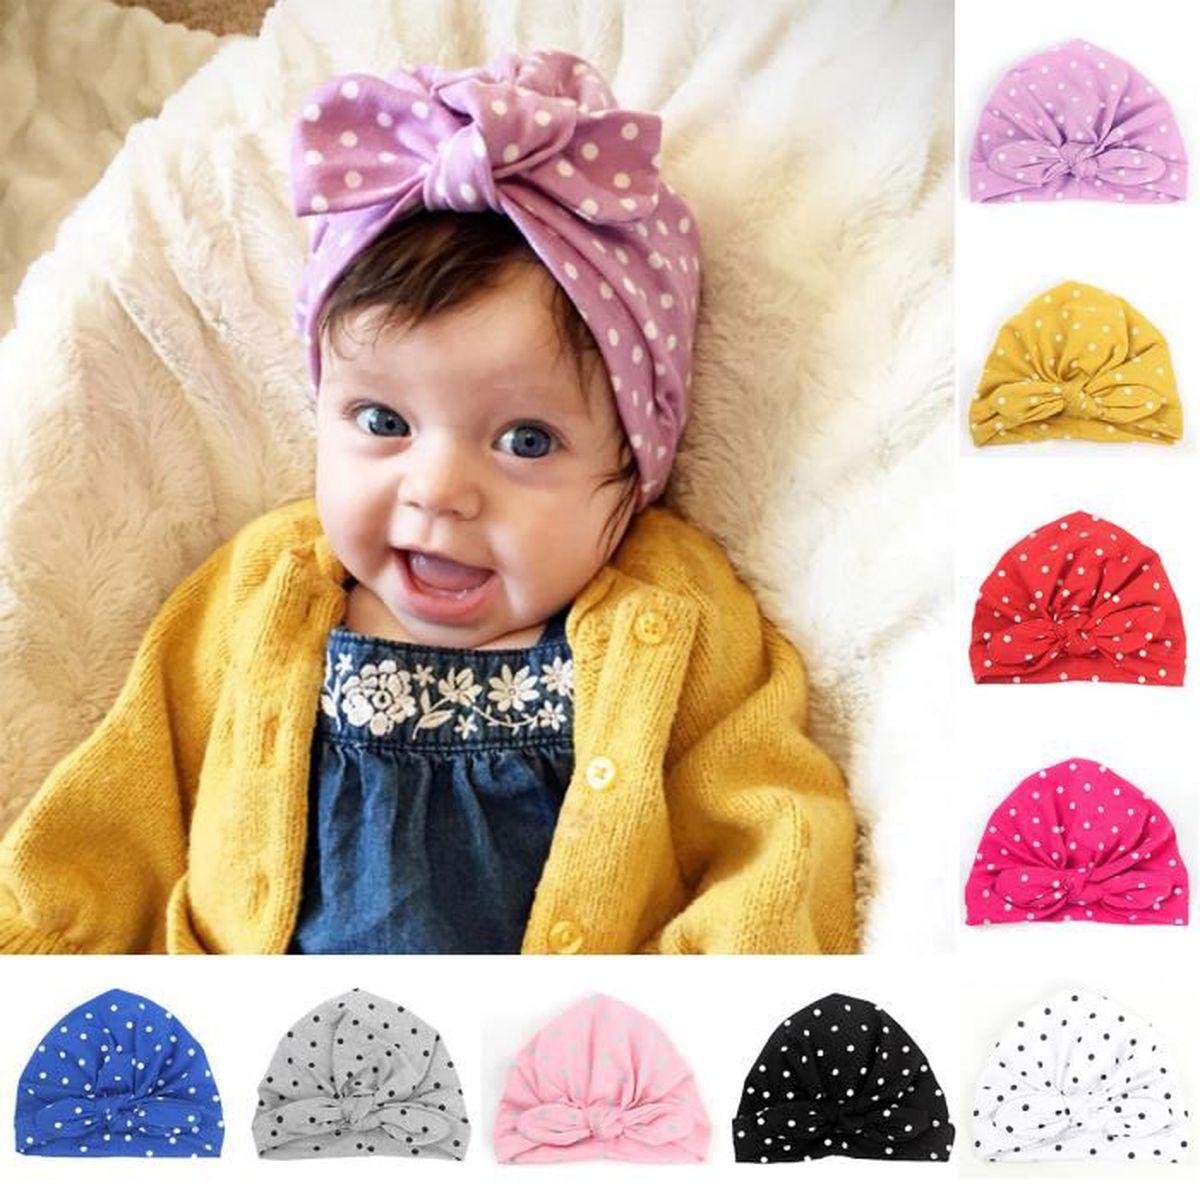 Baby Automne Nouveau-né Chapeau Infant Beanie Stars Style Coton en Tricot Chapeau Pour Hiver